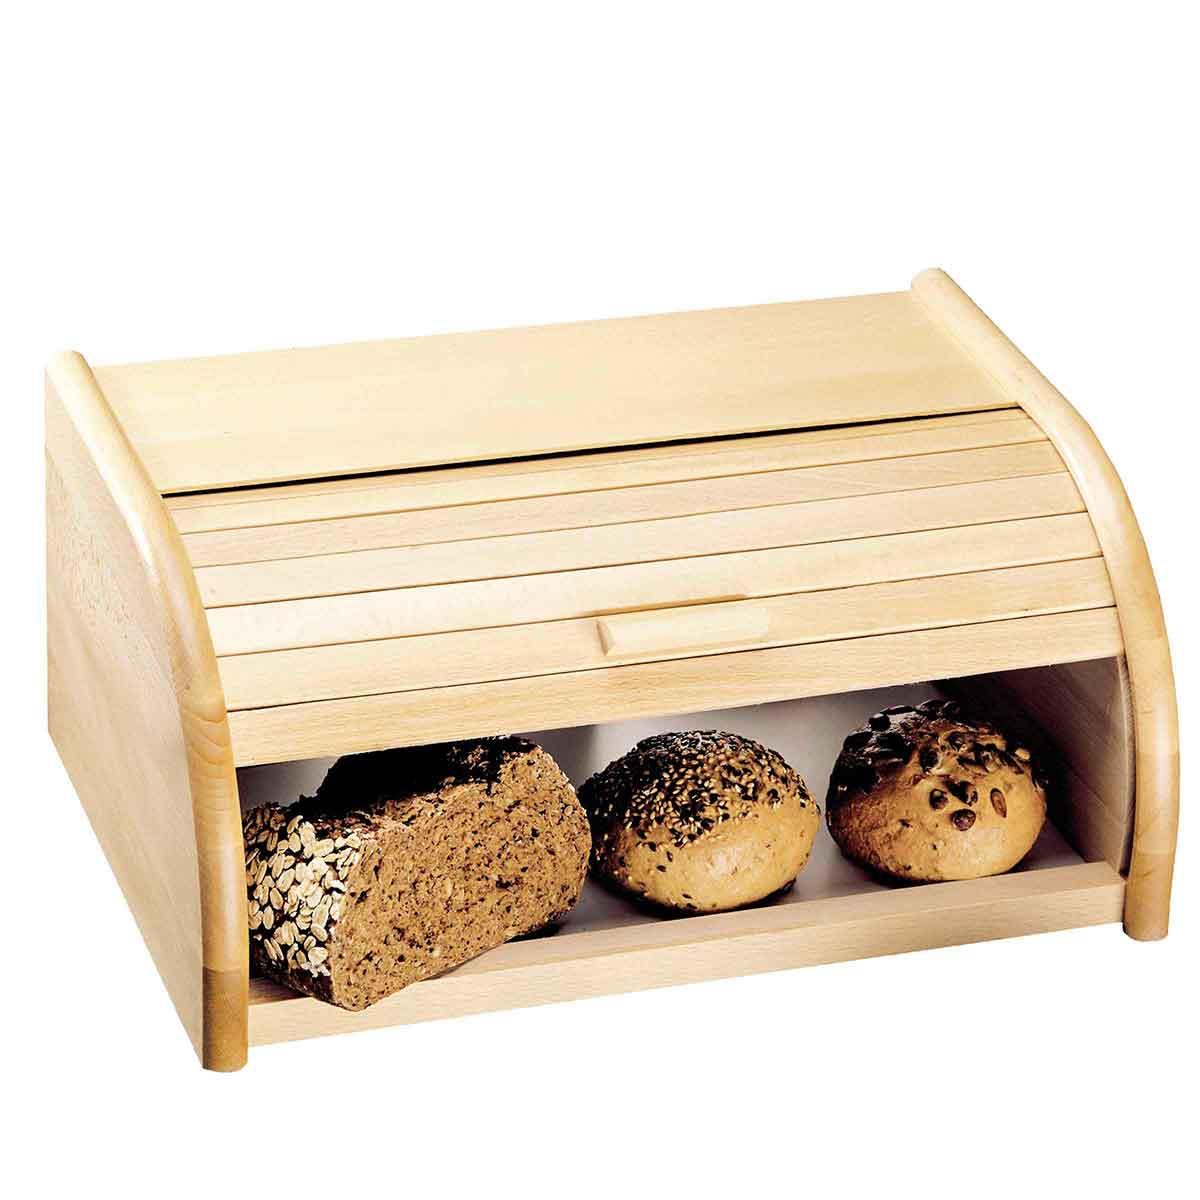 rangement fruits et legumes en bois. Black Bedroom Furniture Sets. Home Design Ideas